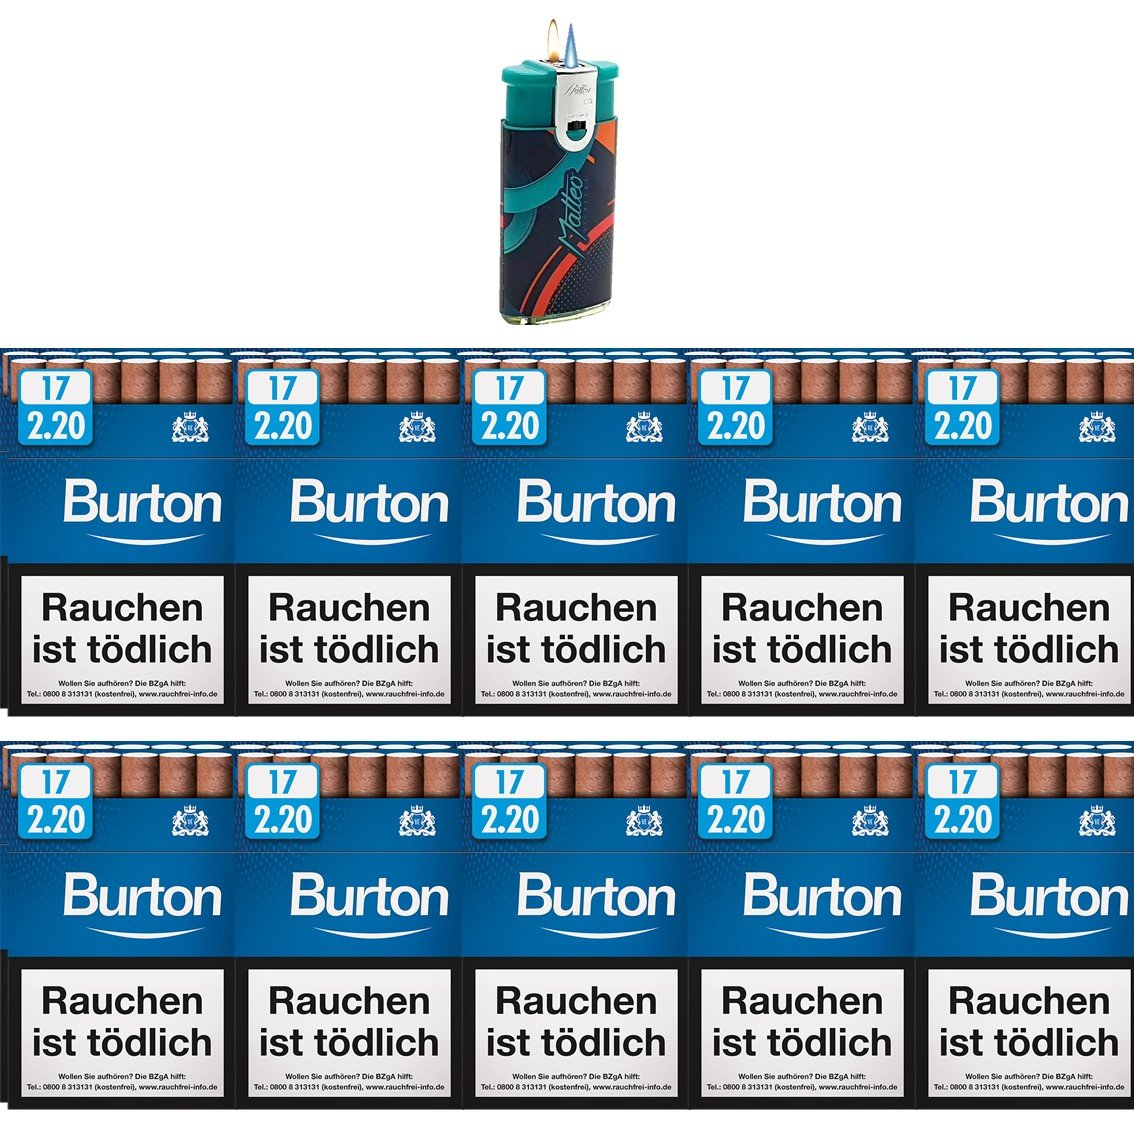 Burton Blue Filter Zigarillos mit Filter (2 Stangen) 20 x 17 Stück